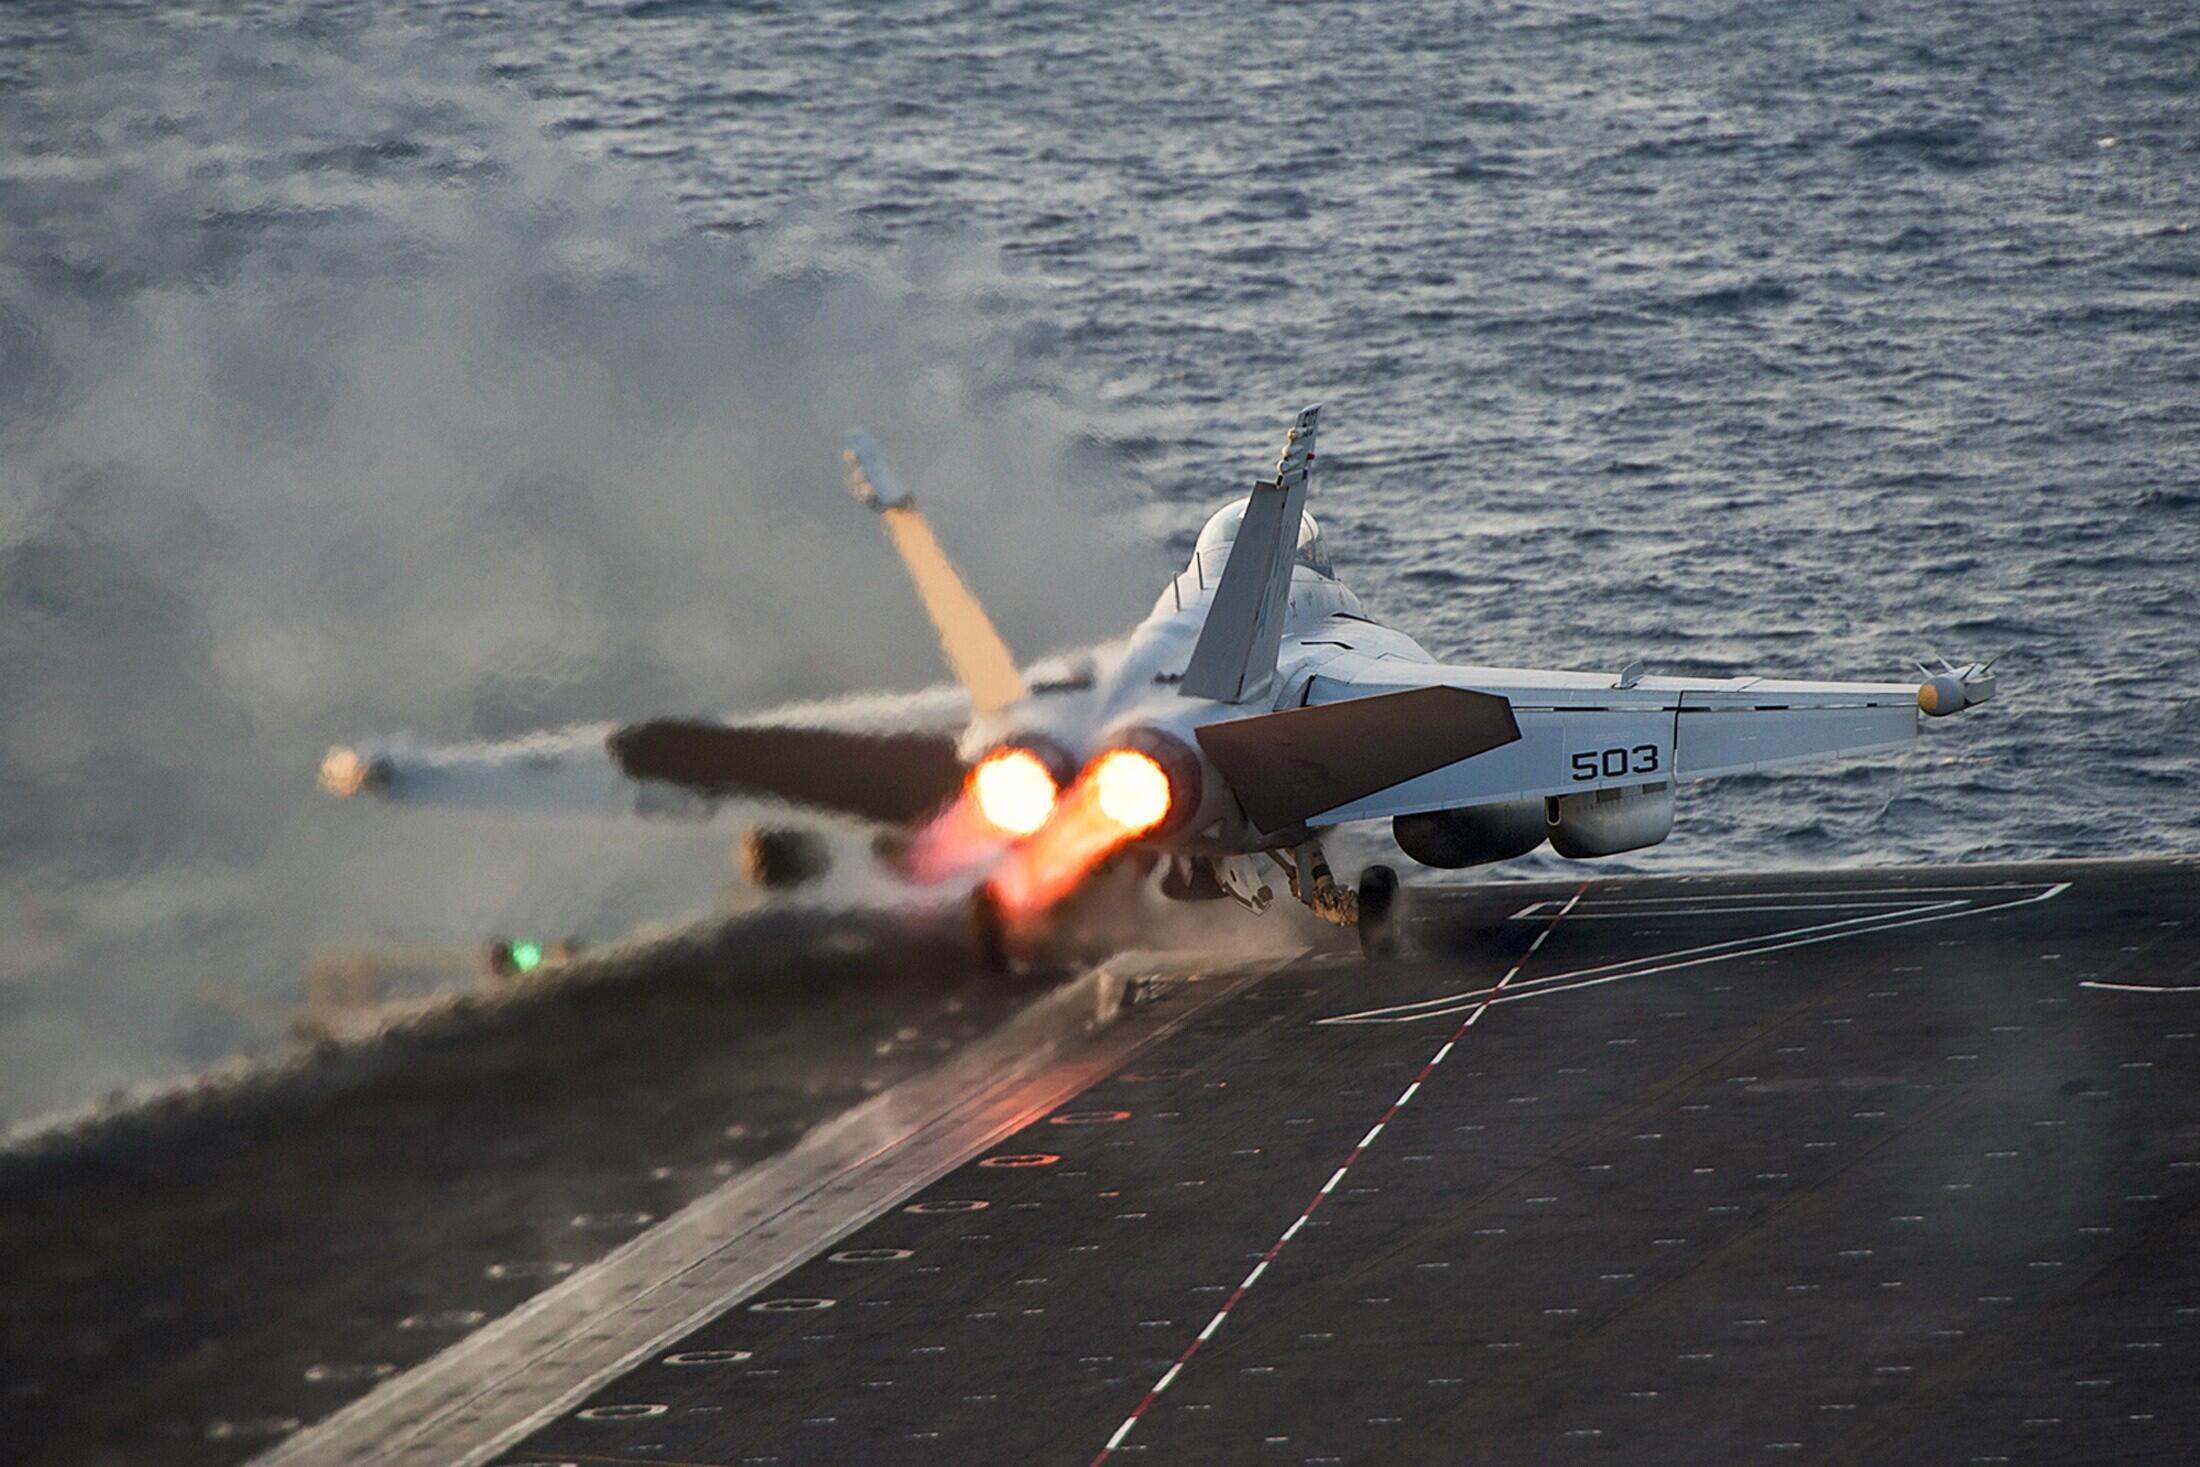 Tàu sân bay Carl Vinson đậu trong vùng Vịnh, căn cứ xuất phát các cuộc không kích của Mỹ nhằm vào tổ chức Nhà nước Hồi giáo tại Syria và Irak.